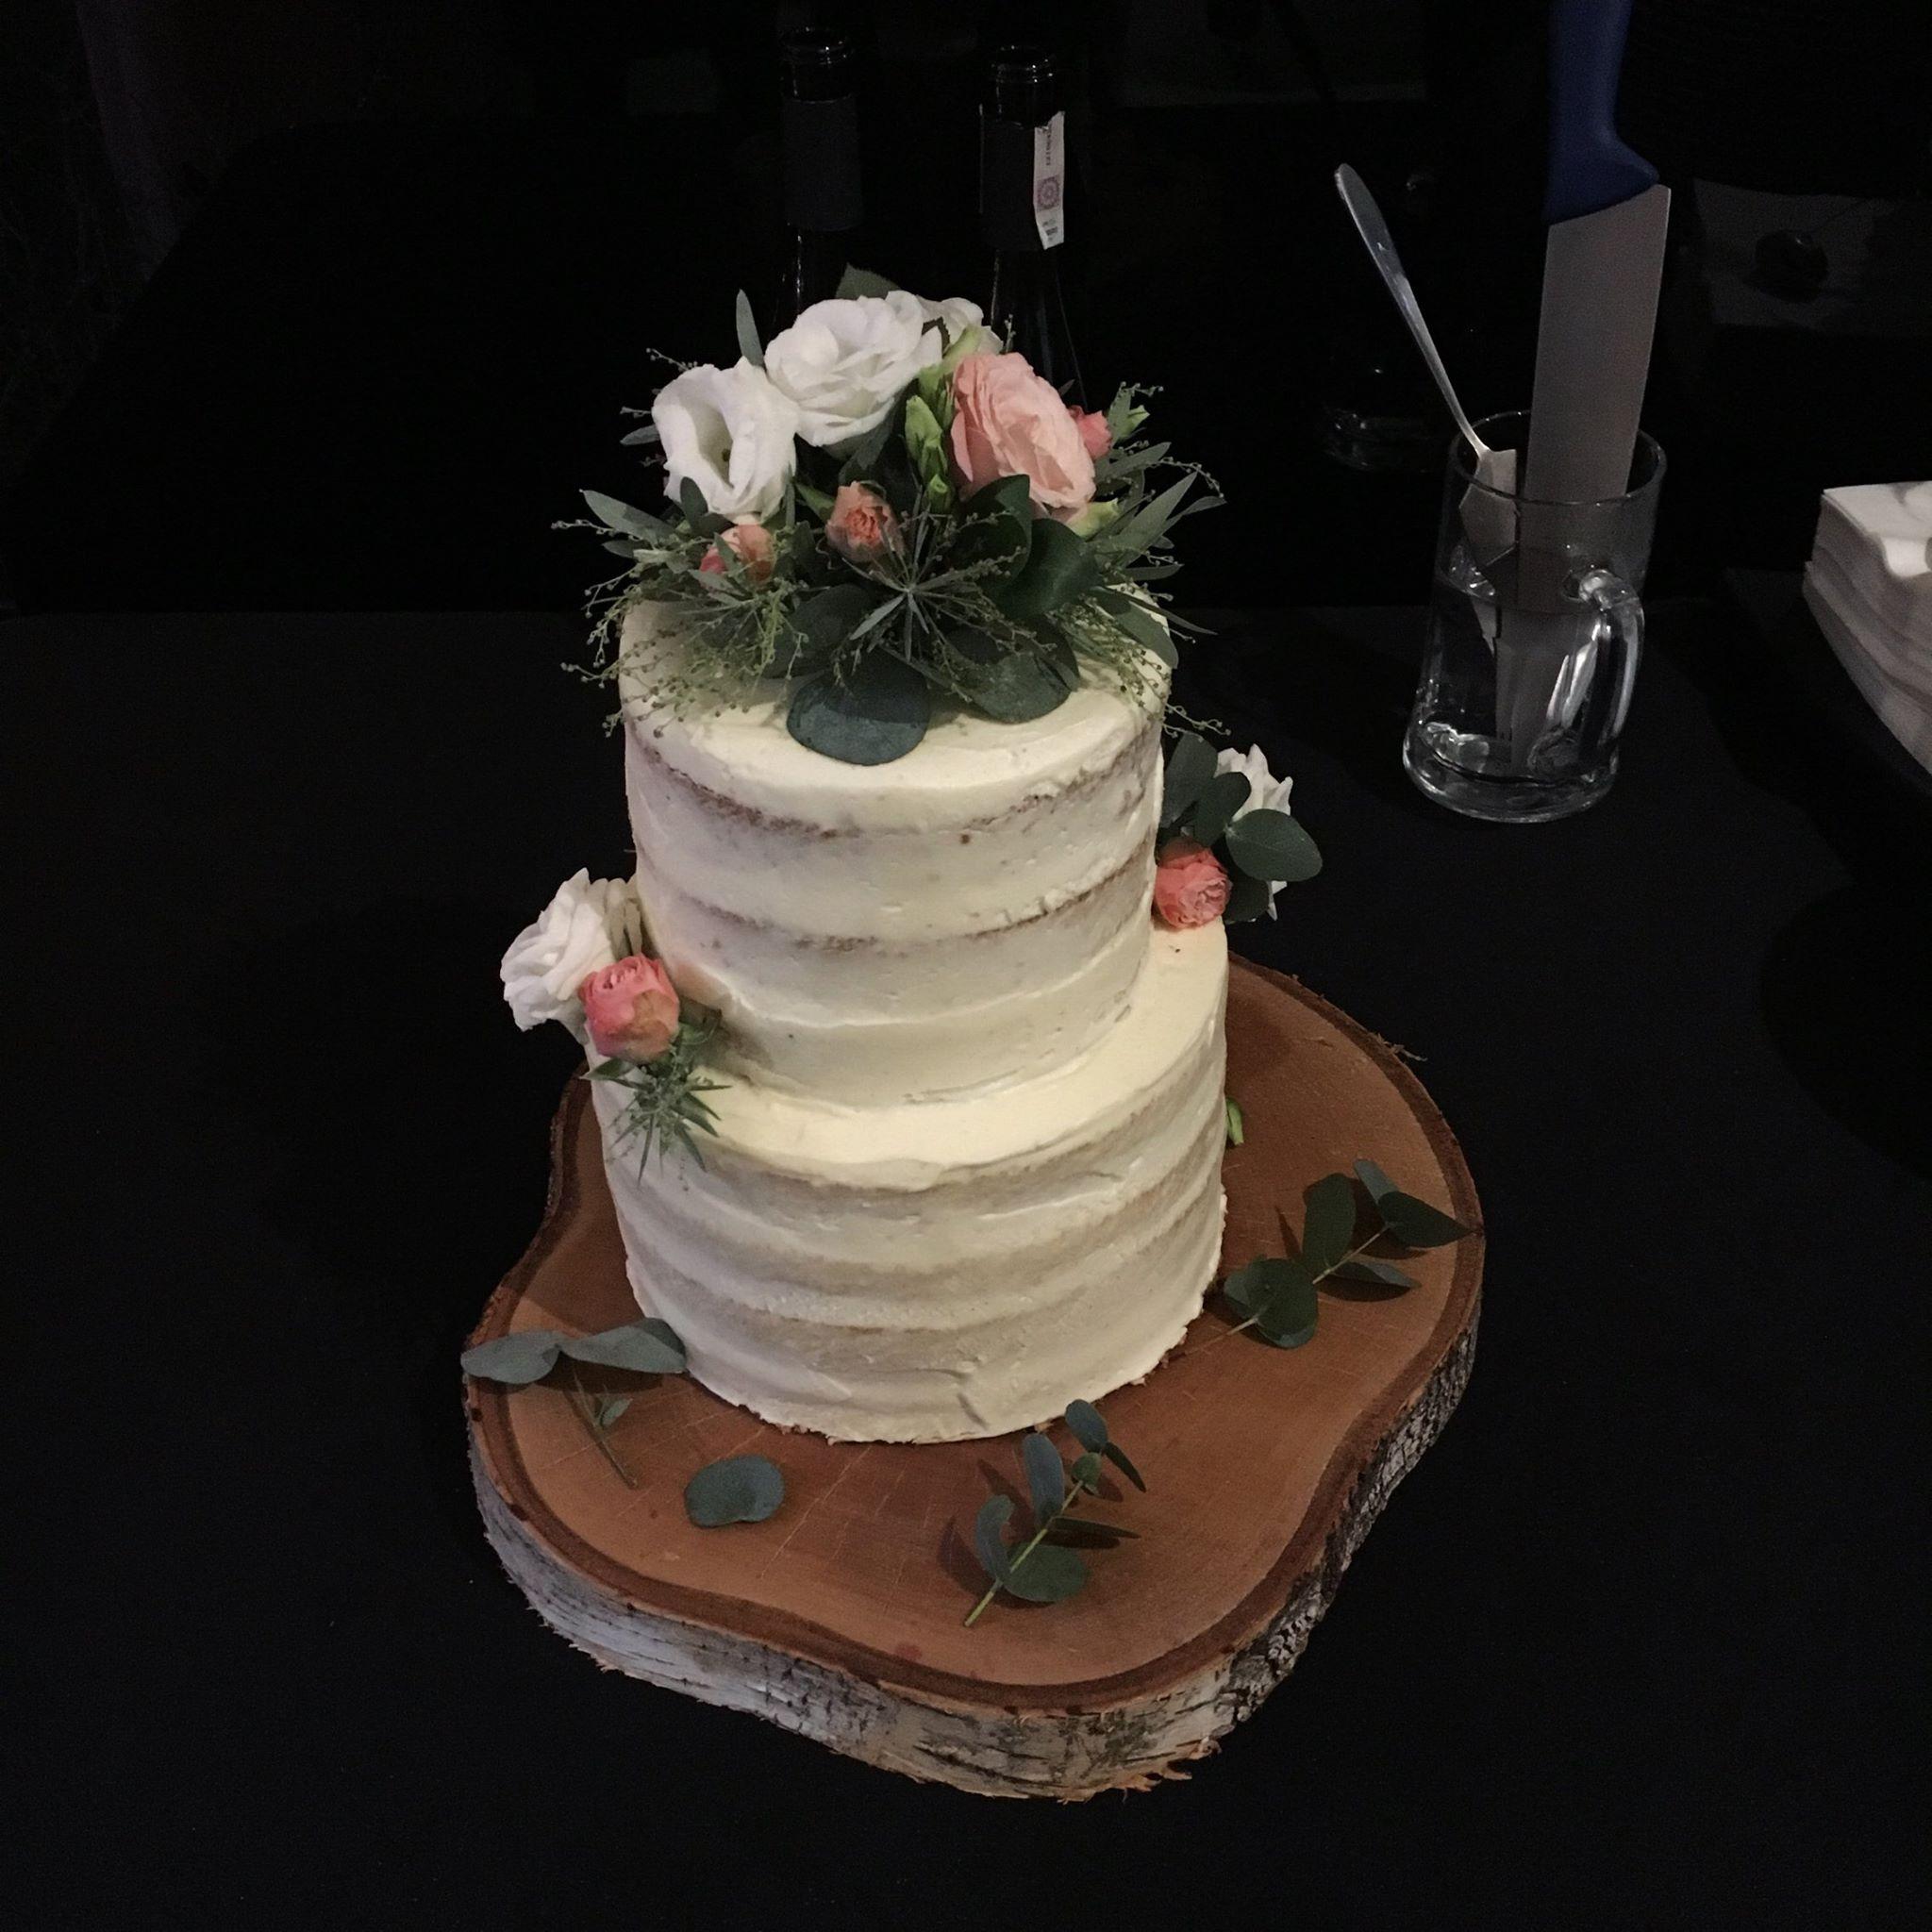 dekorkacje tortu dekorka.com